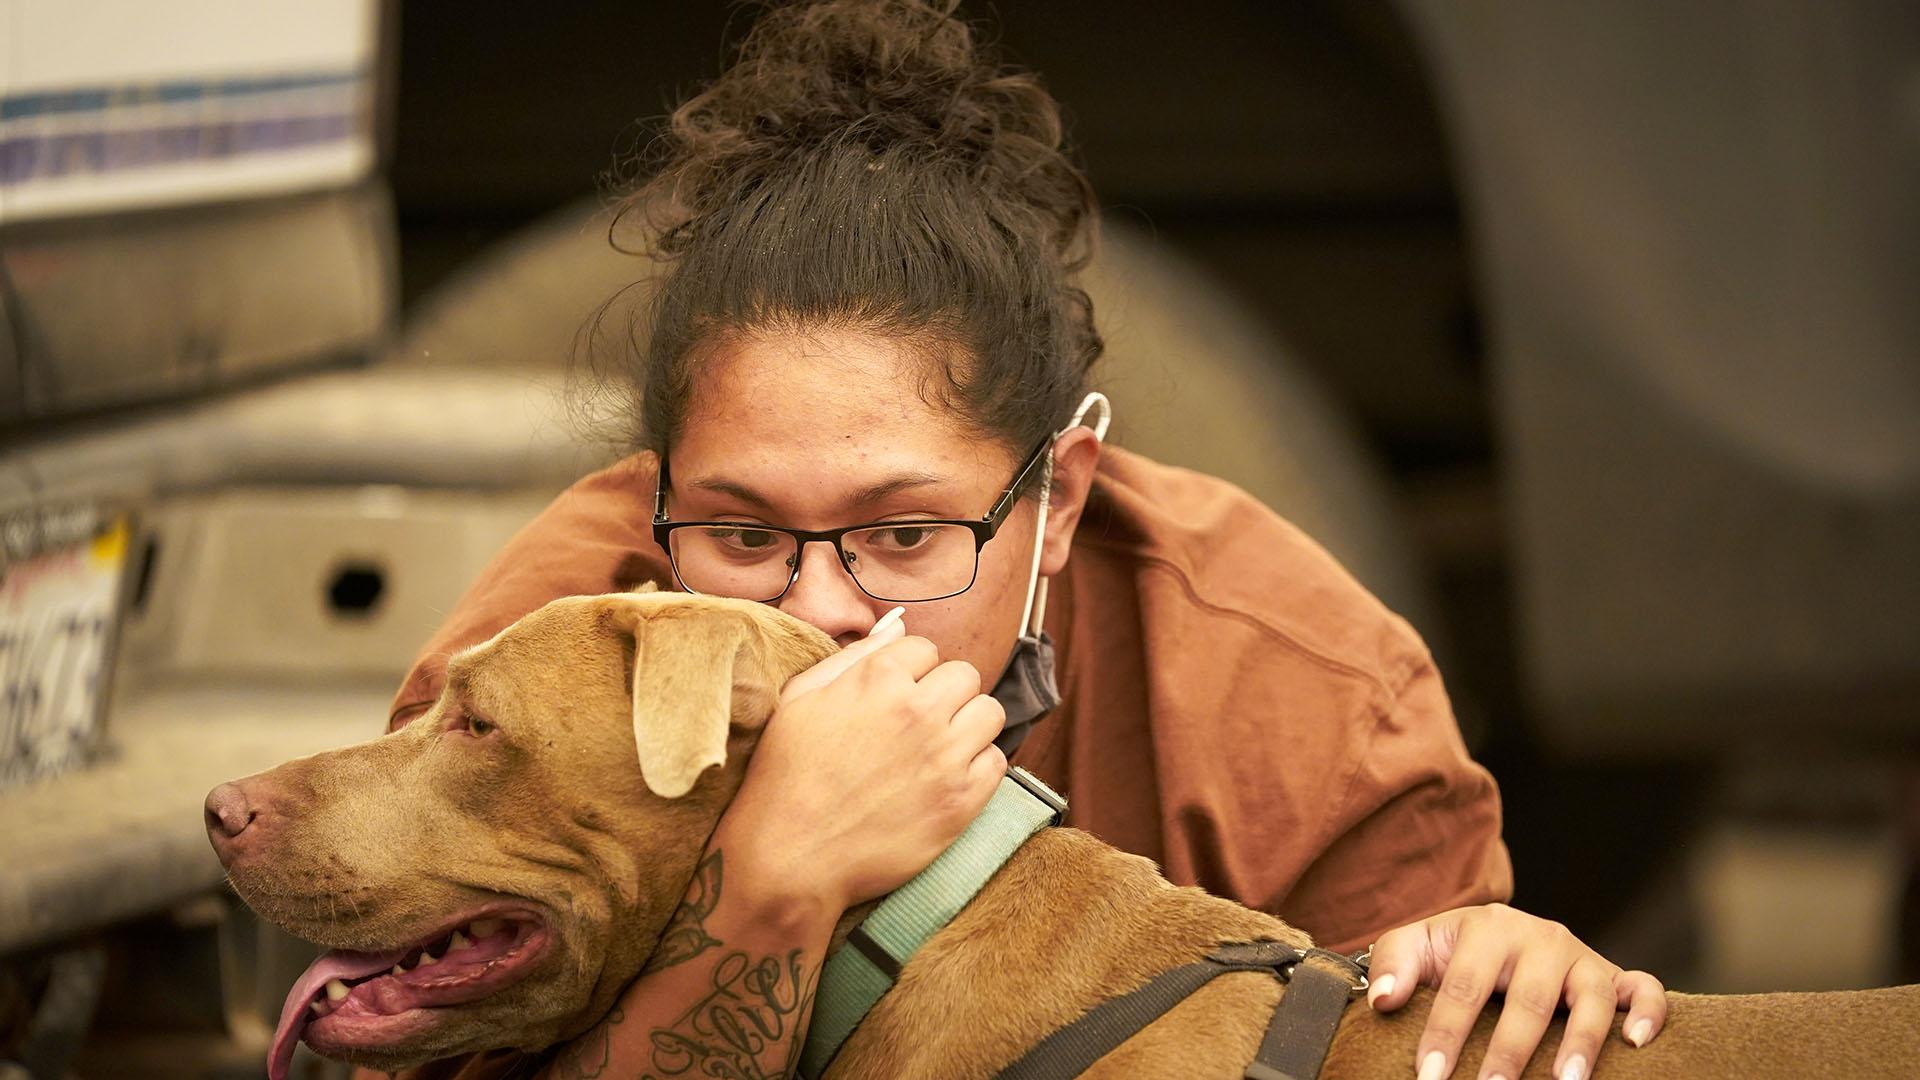 Al menos siete personas han muerto como resultado de los incendios de este año y unas 3.800 estructuras han sido dañadas o destruidas, según cifras de Cal Fire. (AP /Marcio Jose Sanchez)